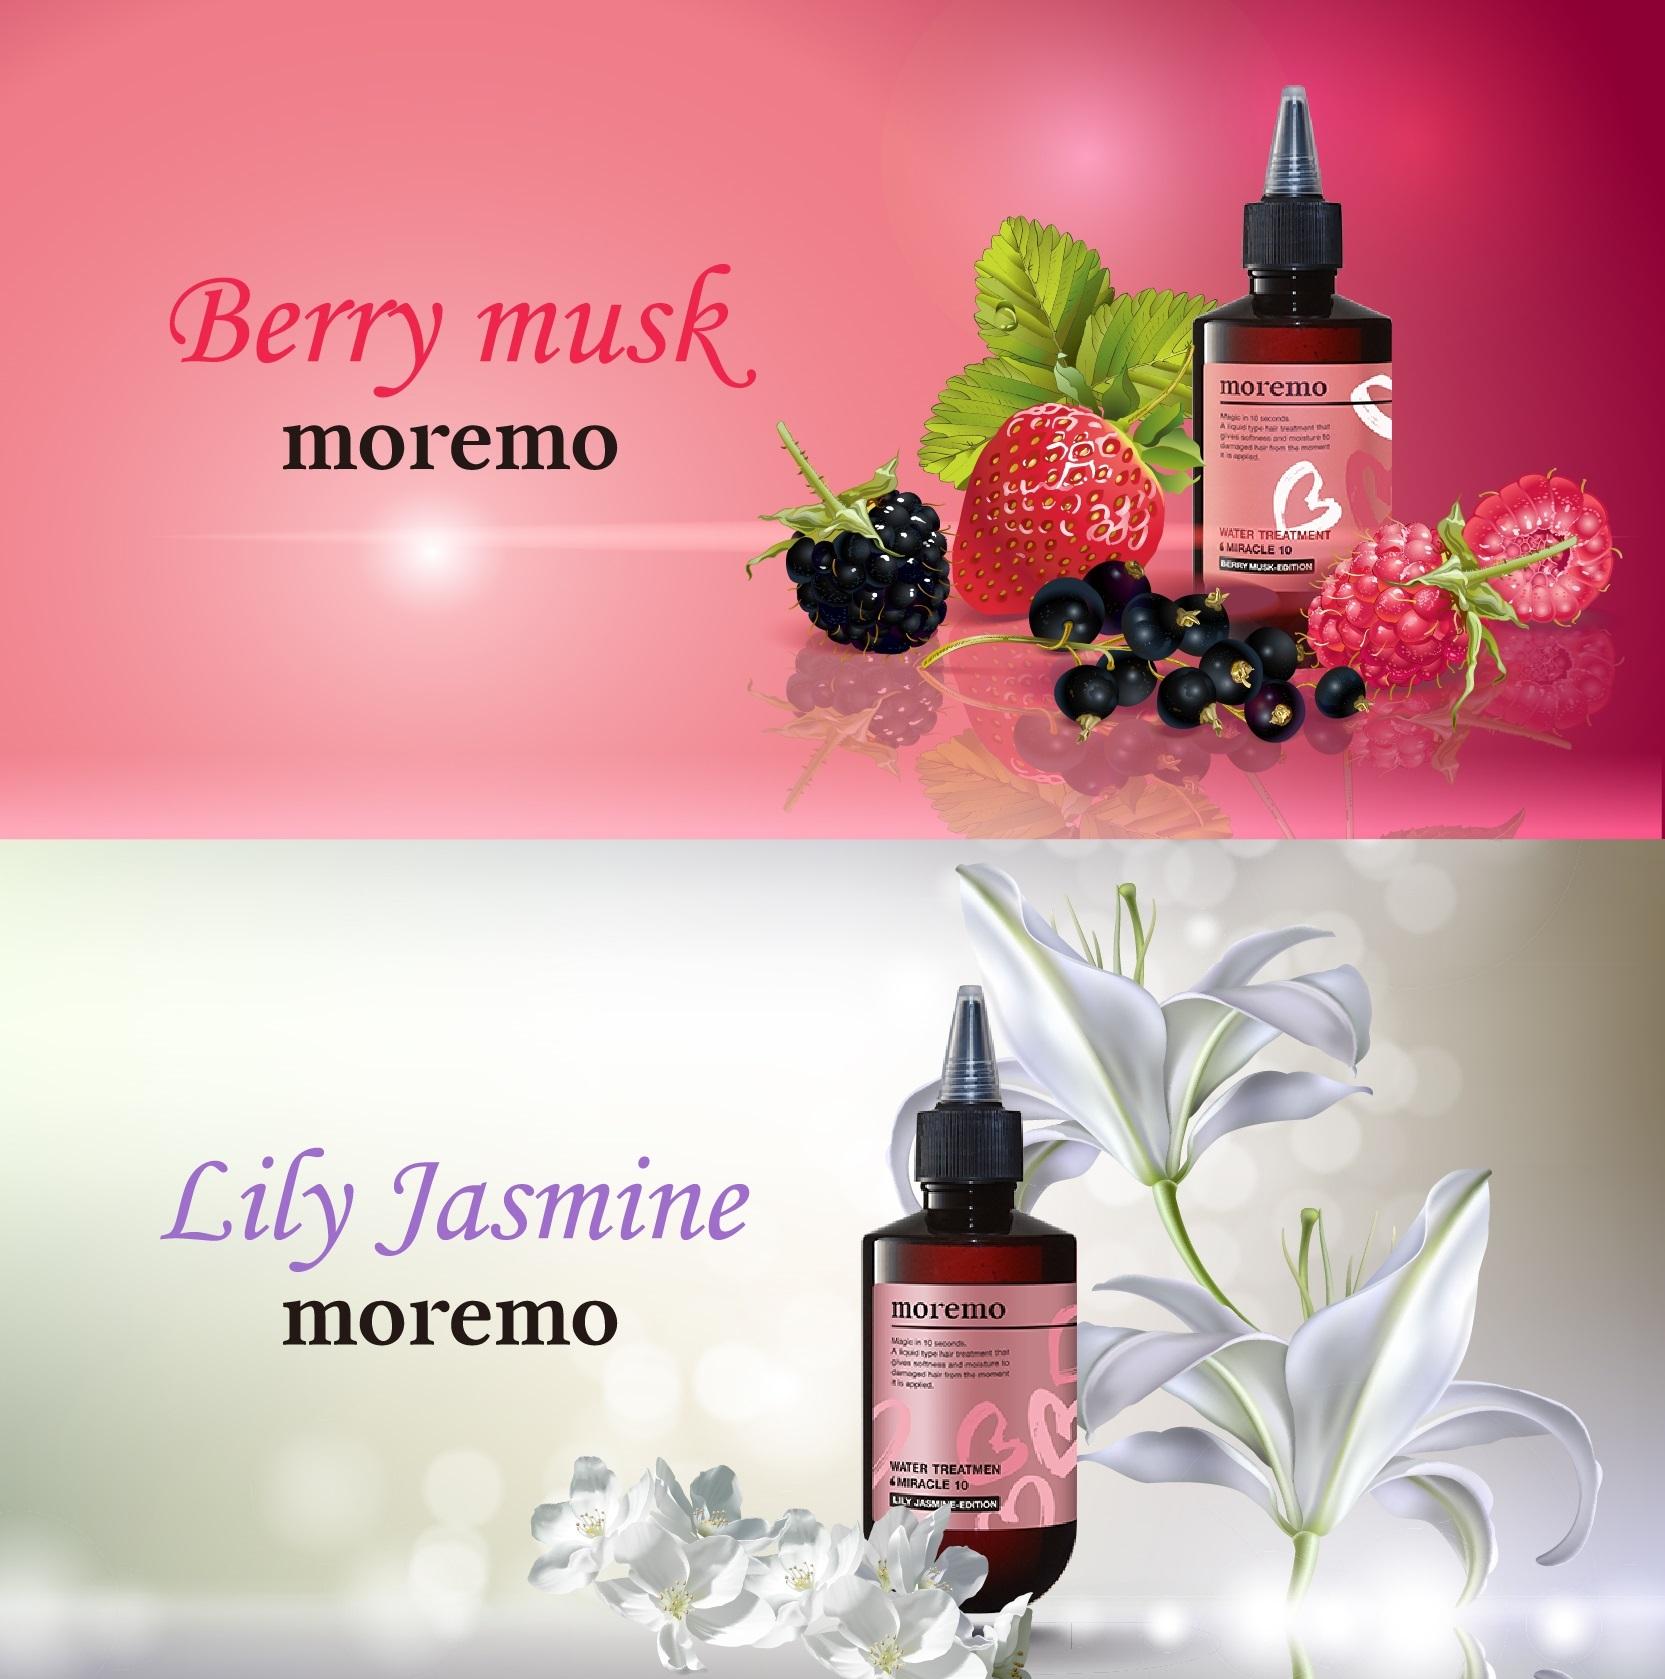 韓国ヘアケアブランド『moremo』から、2つのホリデイコフレが発売🎄💖